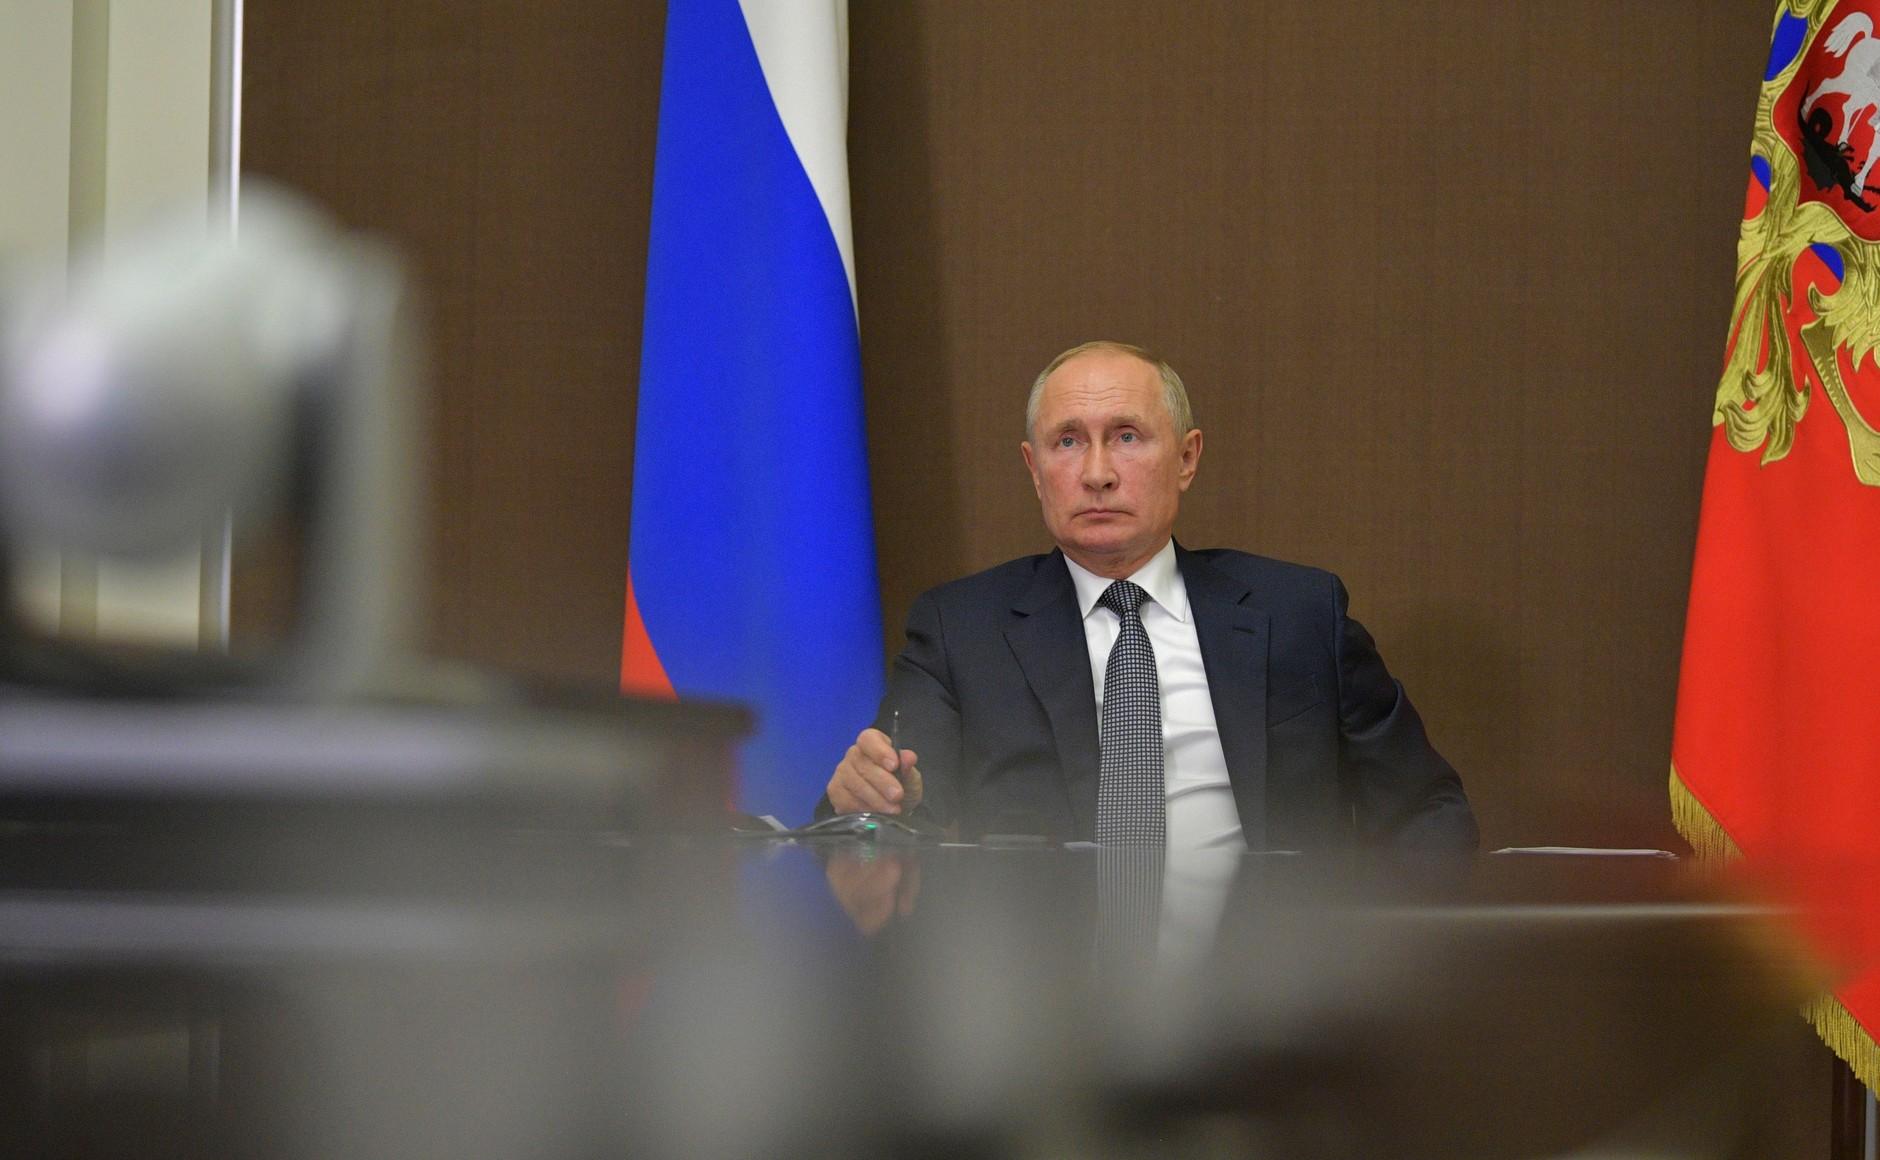 俄罗斯总统法律颁布:可再连任两届